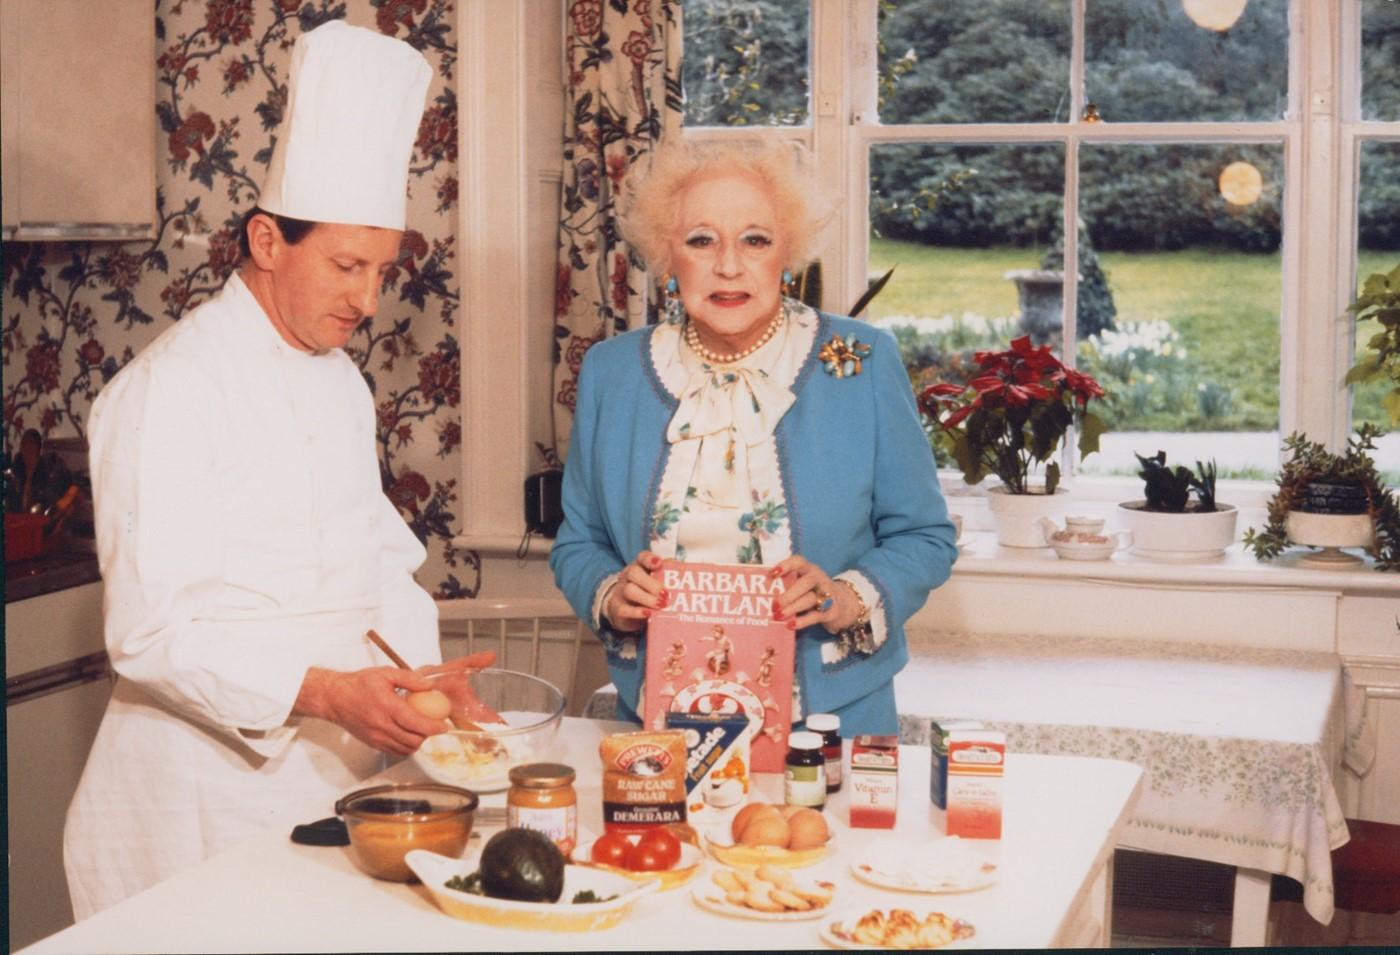 Барбара Картленд сосвоей кулинарной книгой. Источник: anothermag.com